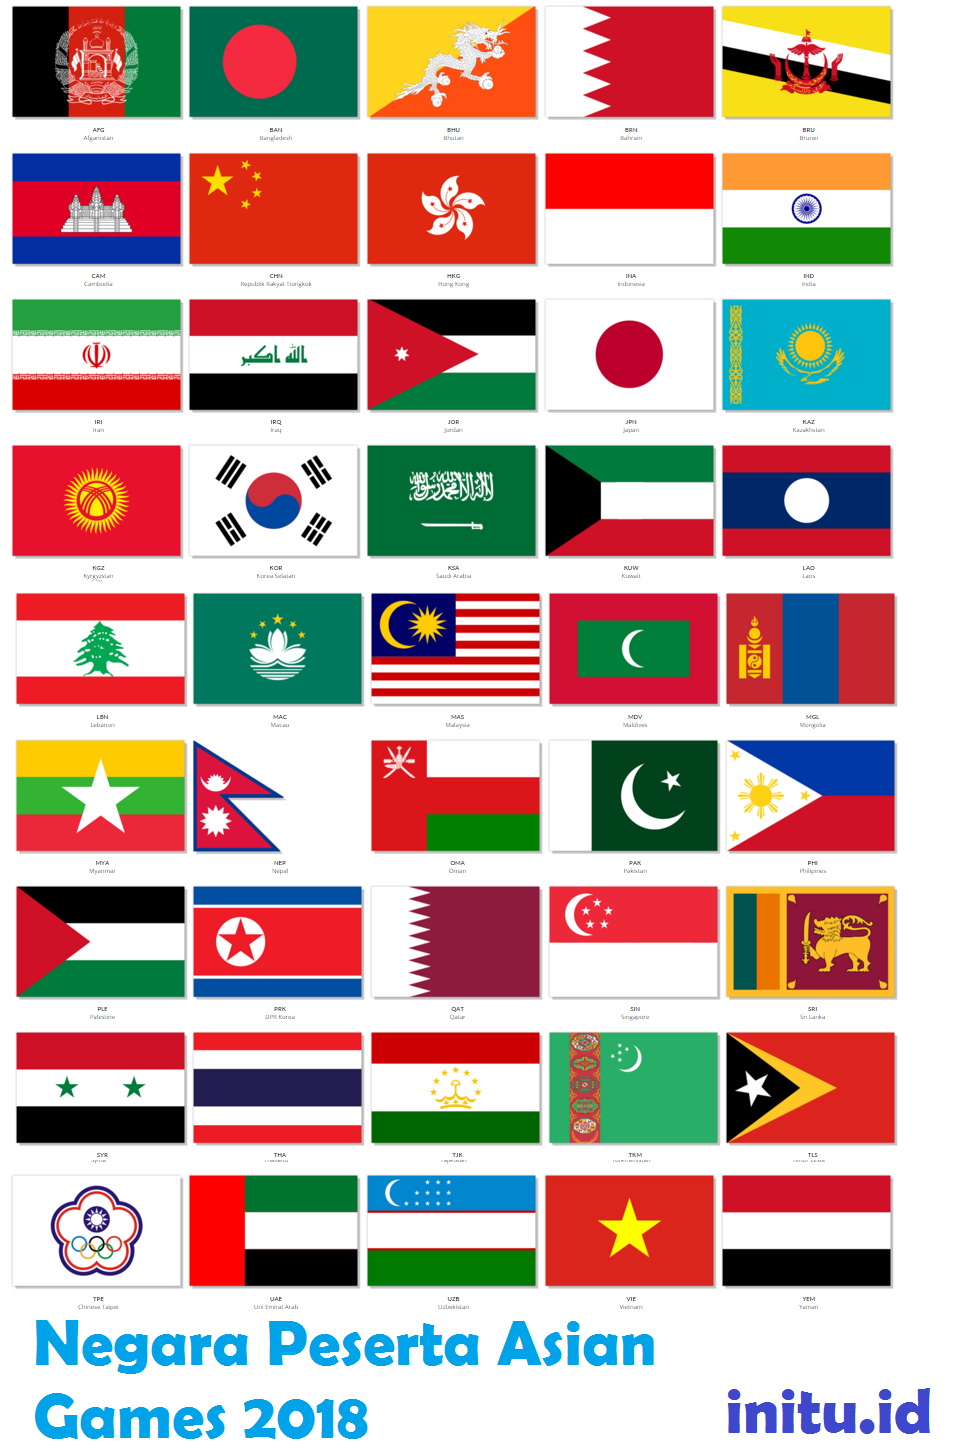 Daftar Negara Peserta Asian Games 2018 Di Indonesia Dengan